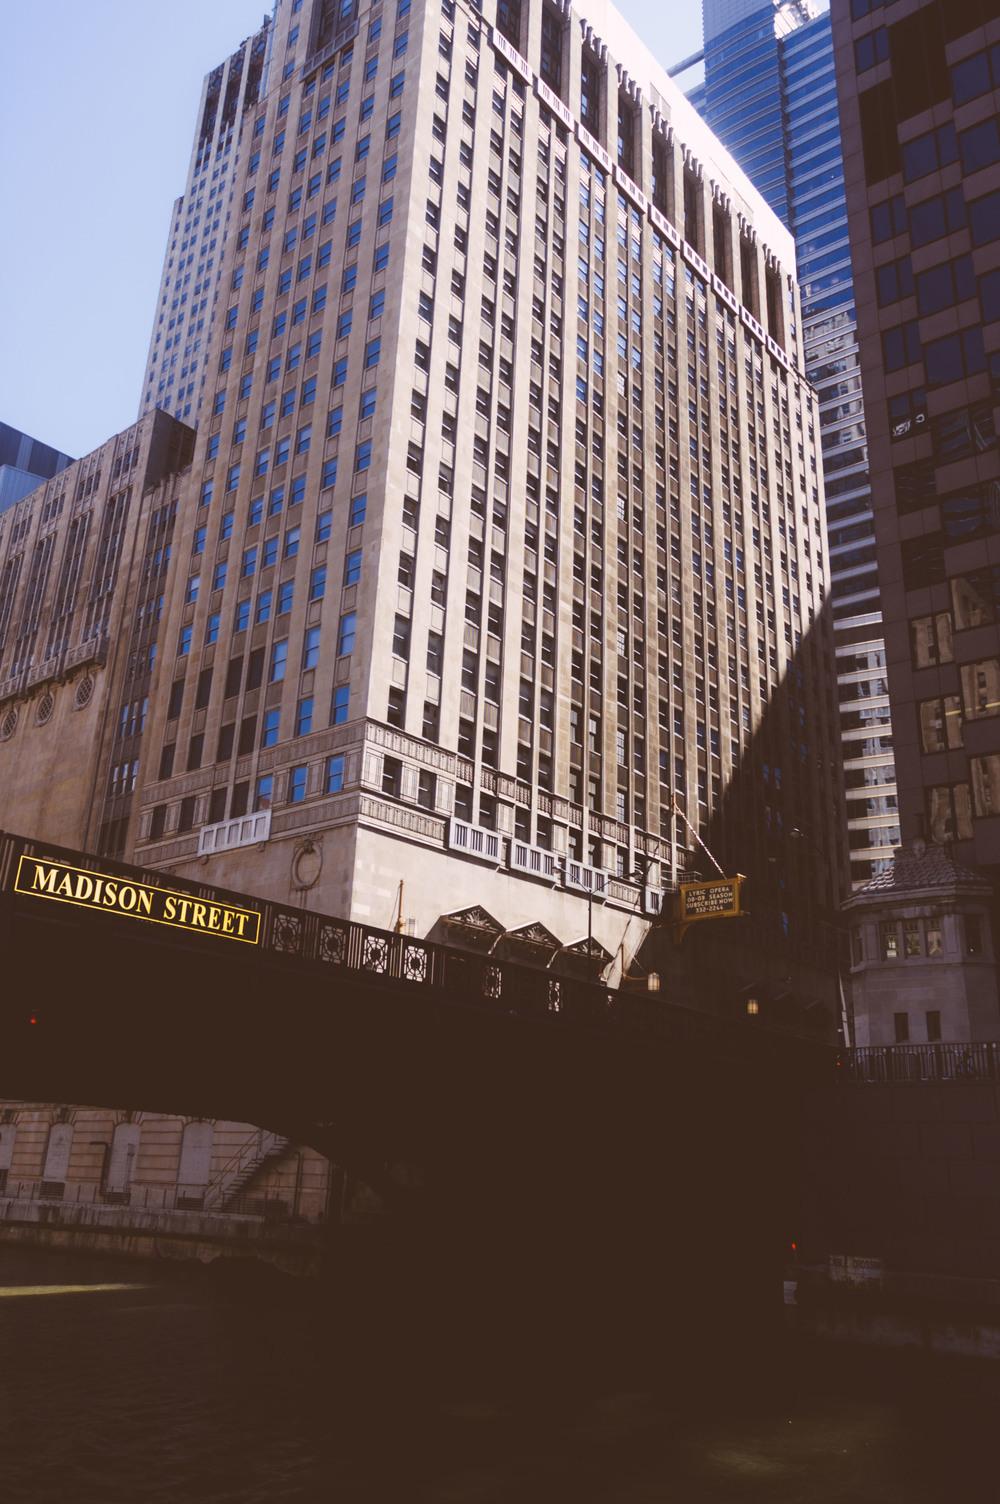 2008_0713_D70_ChicagoBoatTour_DSC_0060.jpg